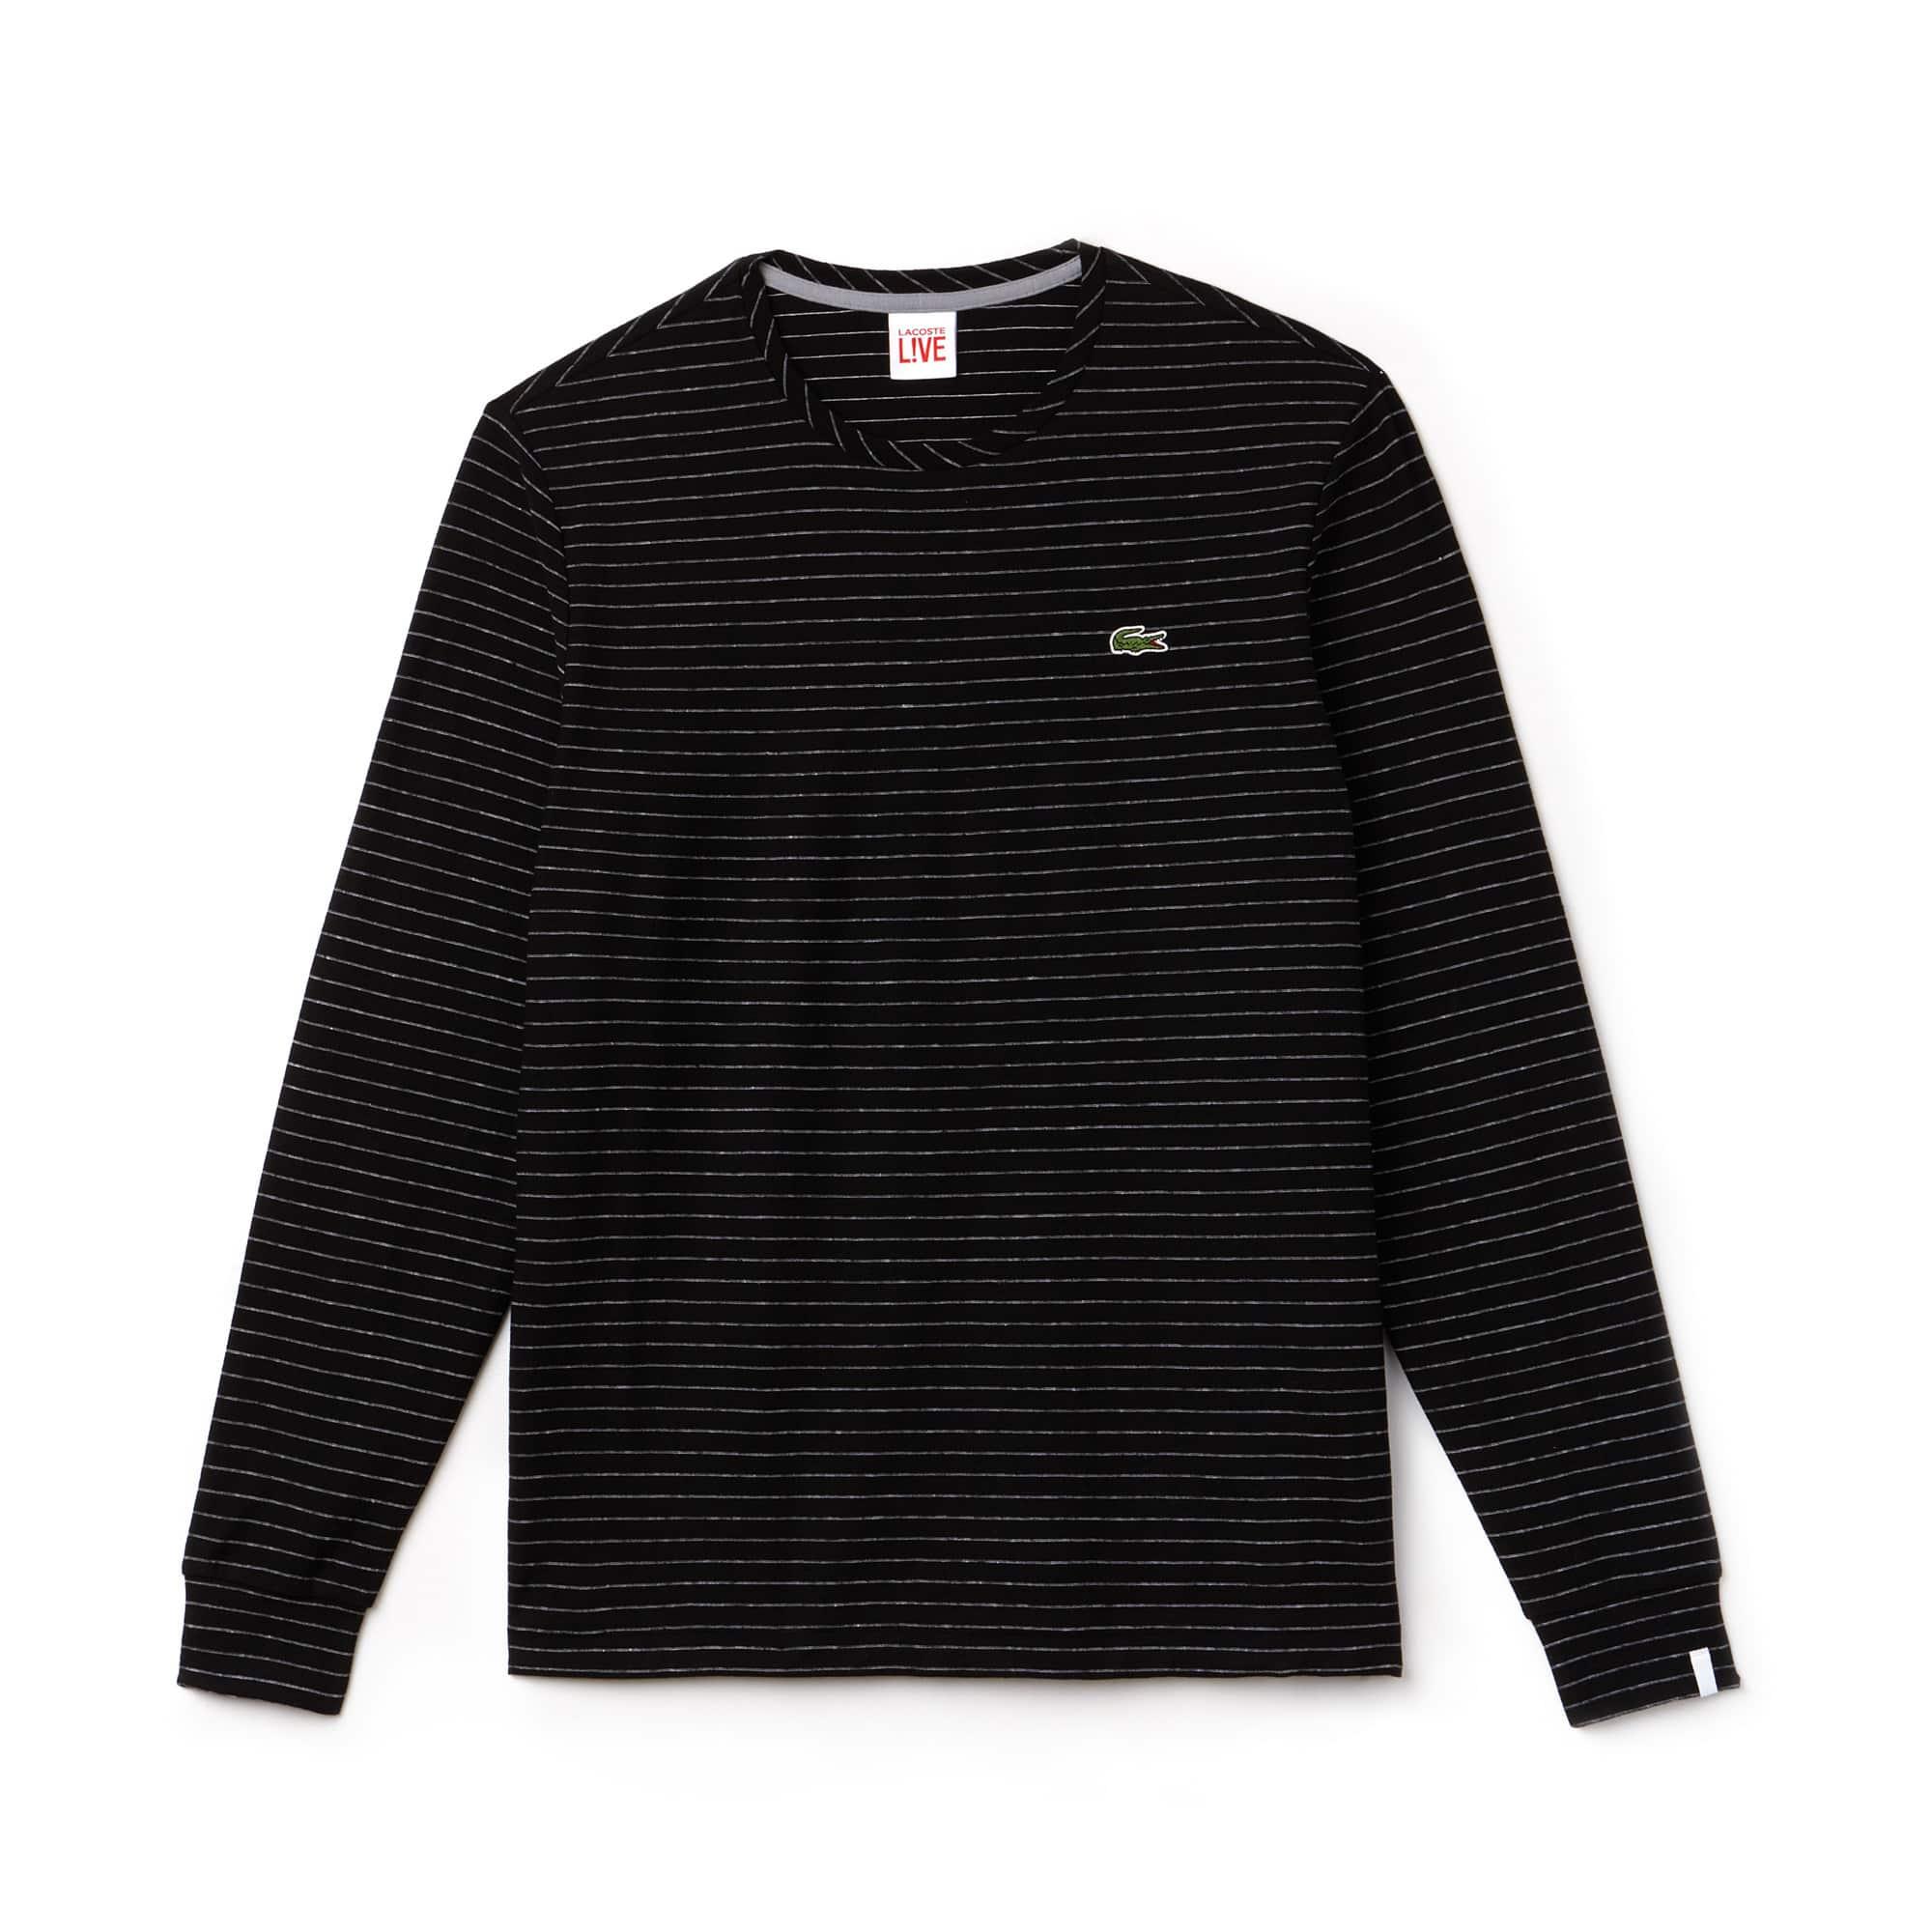 T-shirt à manches longues Lacoste LIVE en jersey de coton et lin rayé